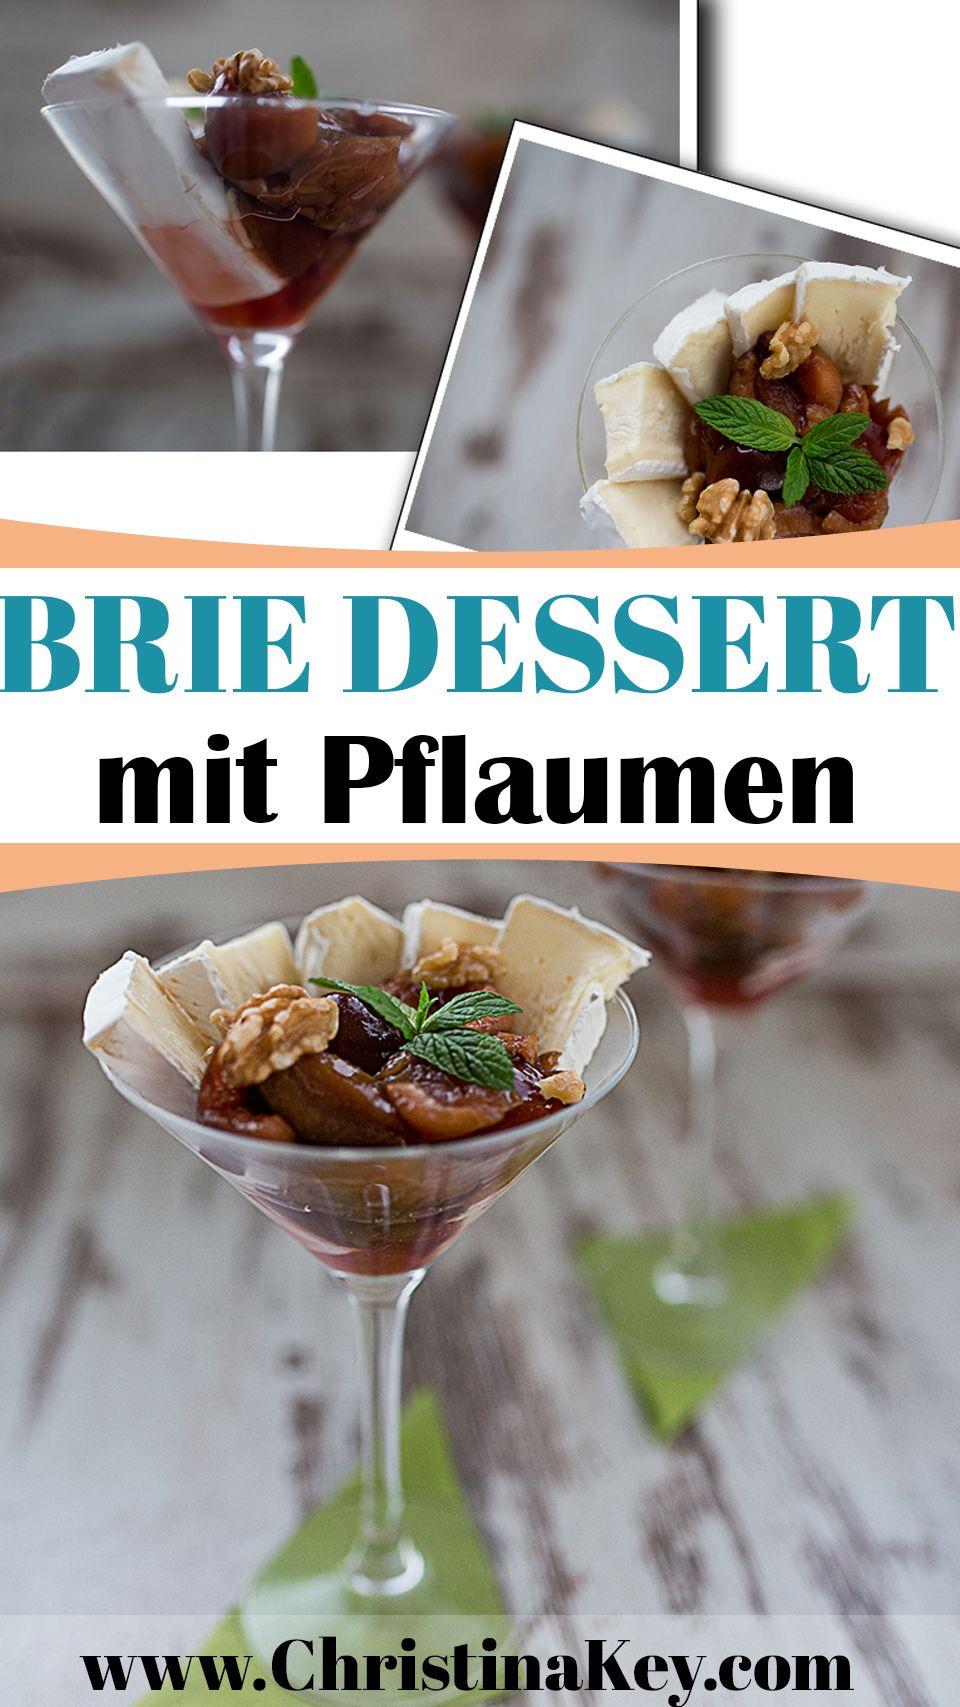 Rezept Idee - Köstliches Brie Dessert mit Pflaumen für Genießer - Entdecke jetzt weitere Rezepte auf CHRISTINA KEY - dem Fotografie, Food, Fashion und Blogger Tipps Blog aus Berlin